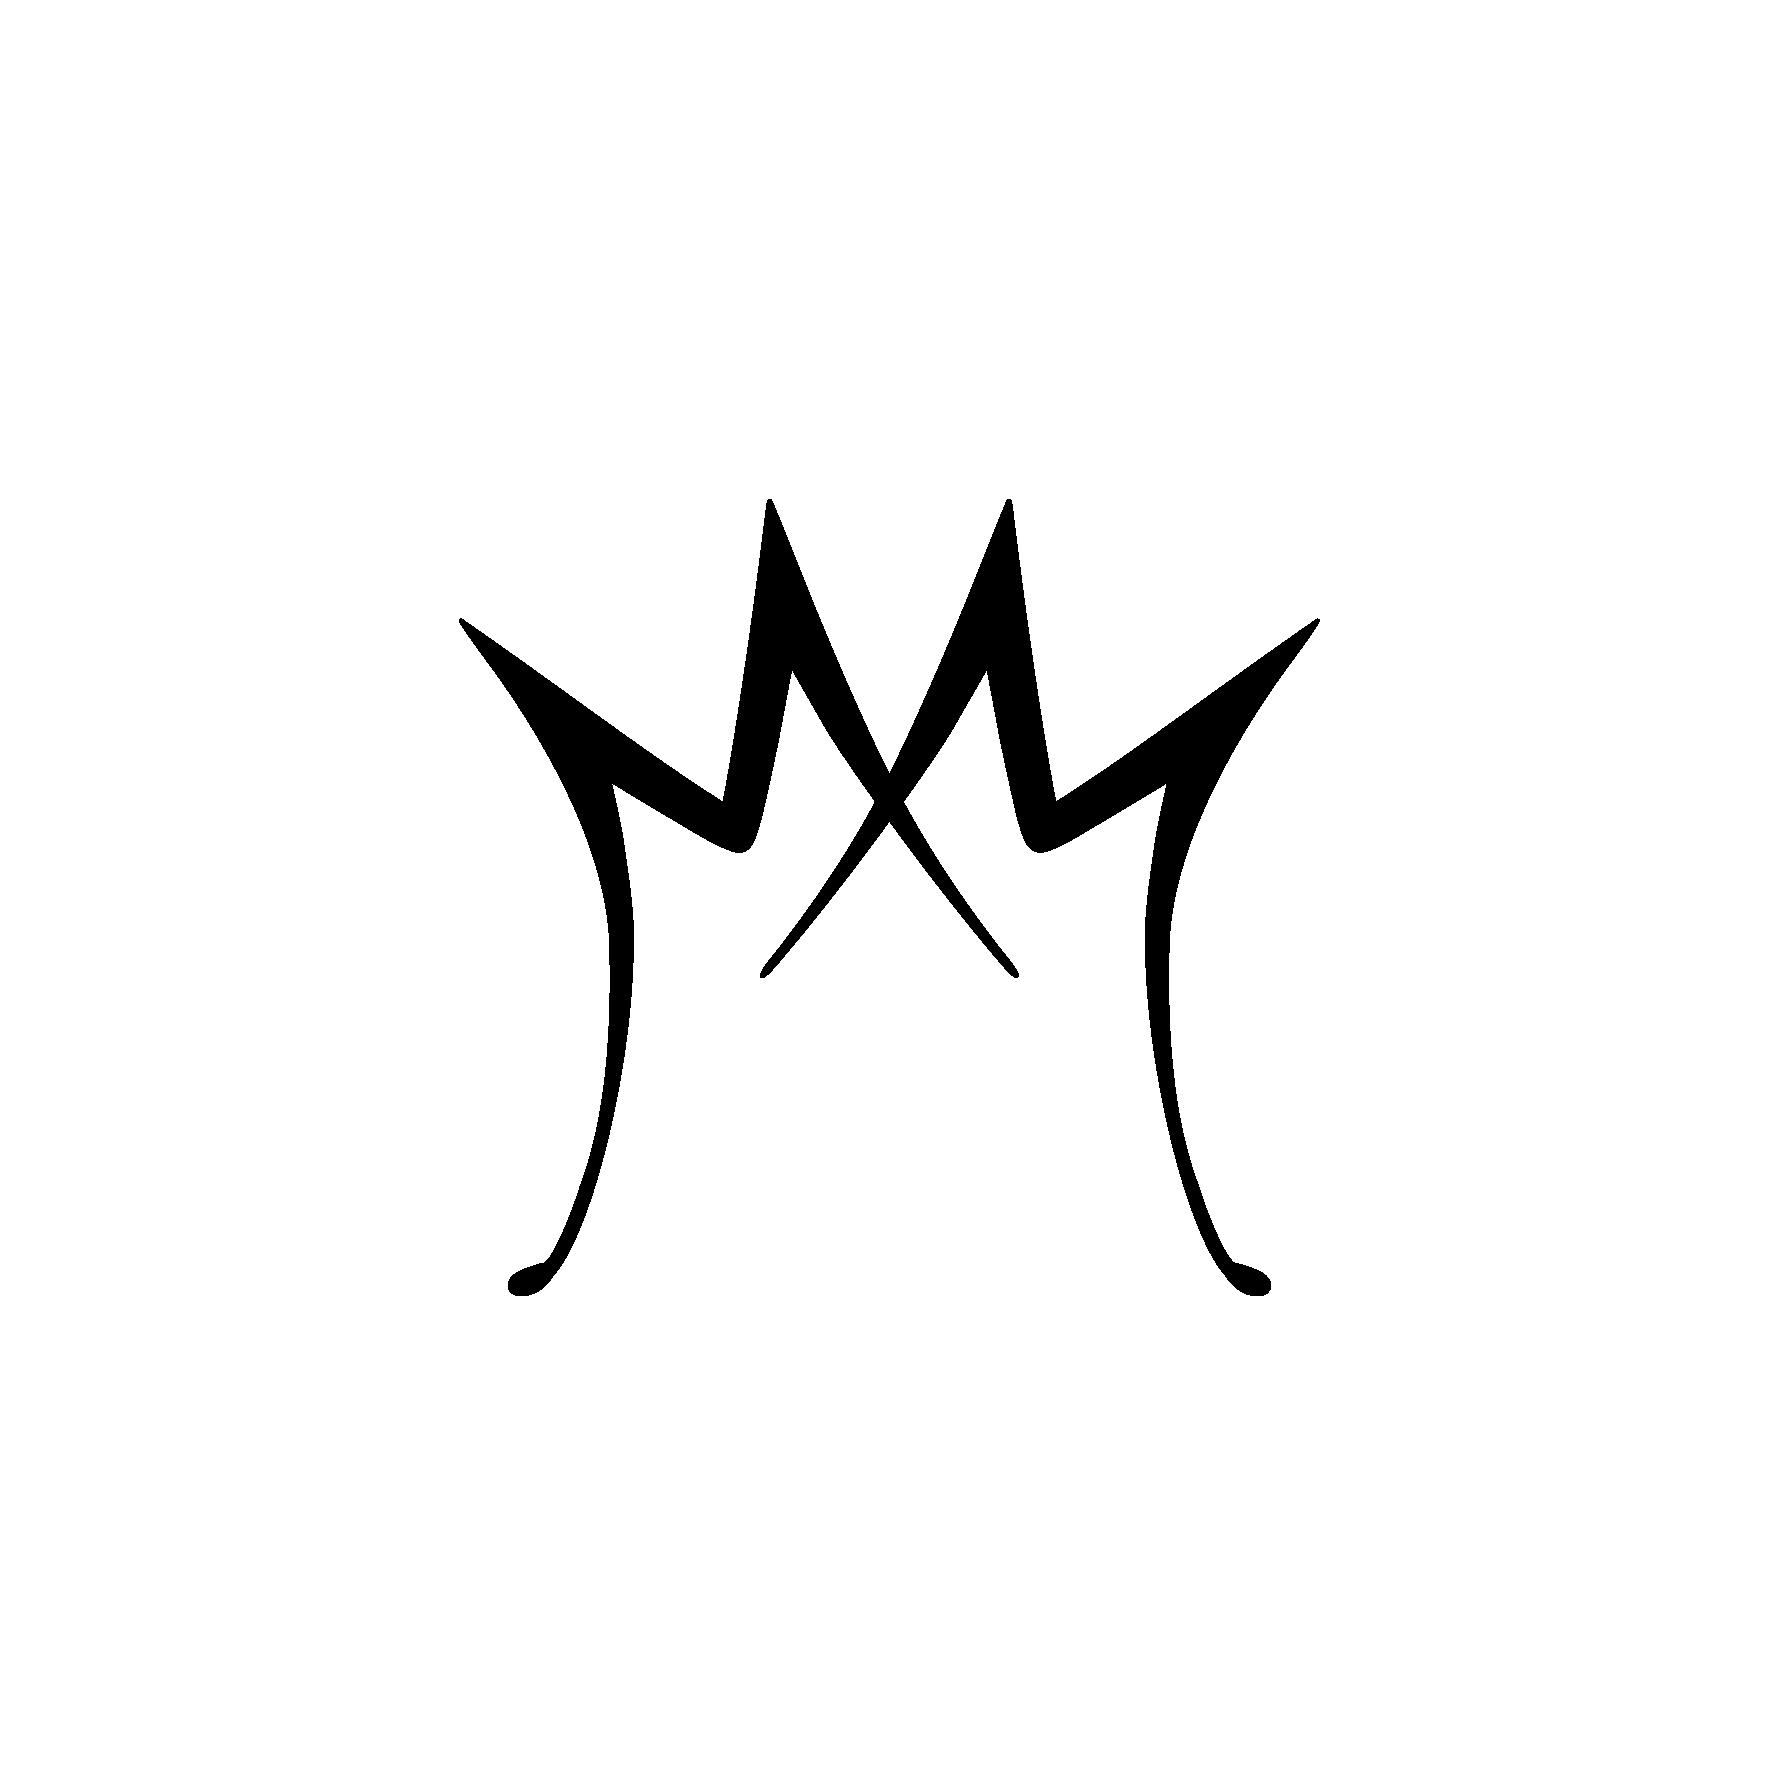 zeichenflache-13x-3